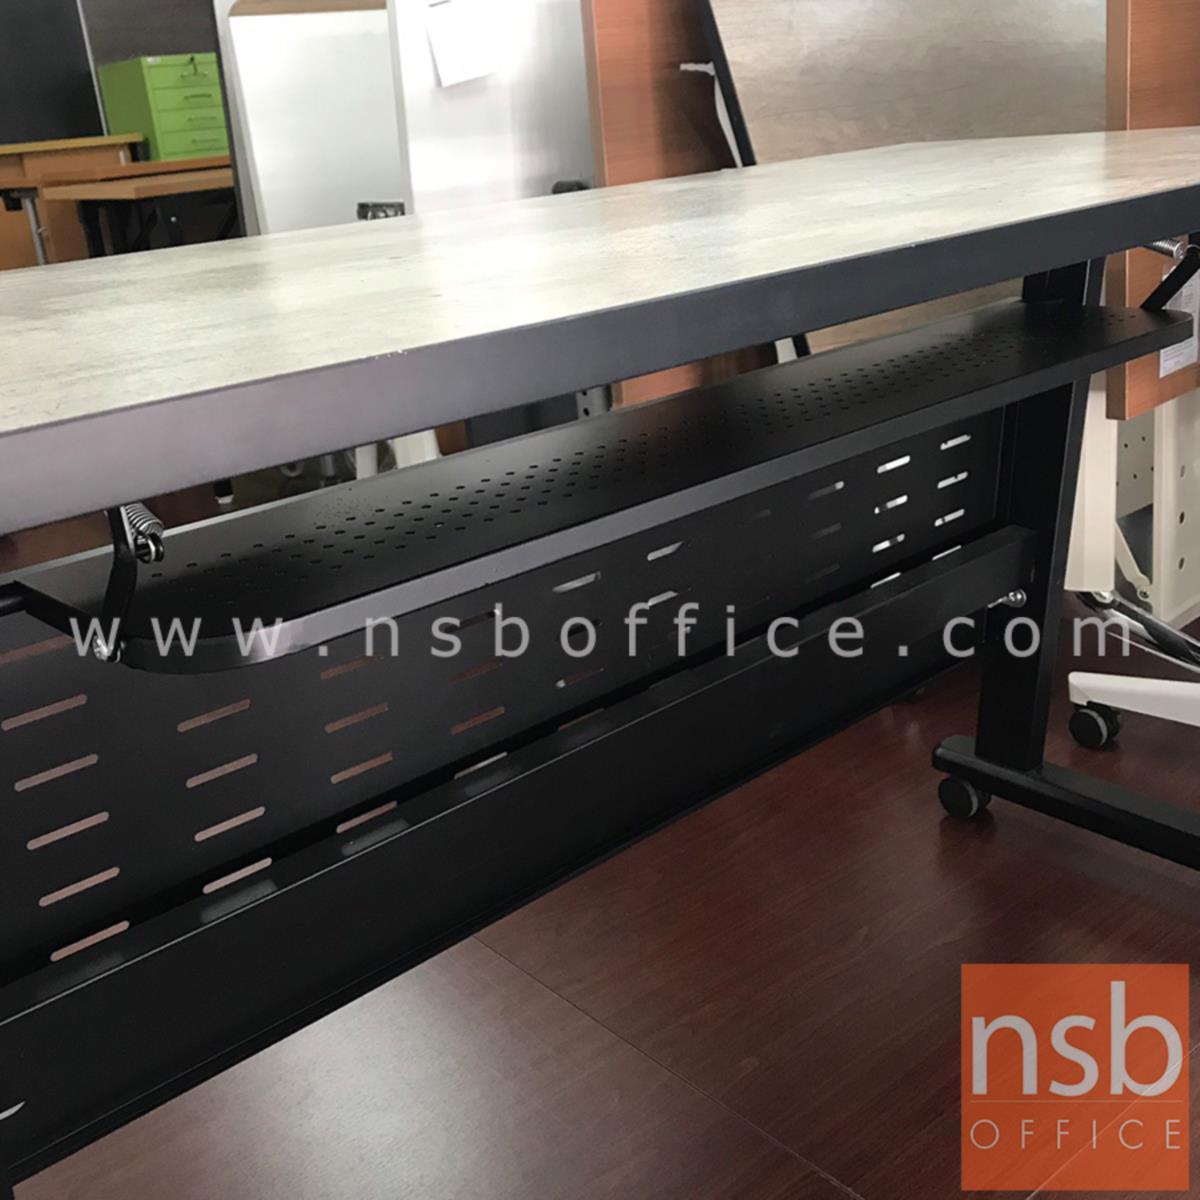 โต๊ะพับล้อเลื่อน 120W*60D cm CN-026  พร้อมบังตาเหล็กและที่วางของด้านใต้